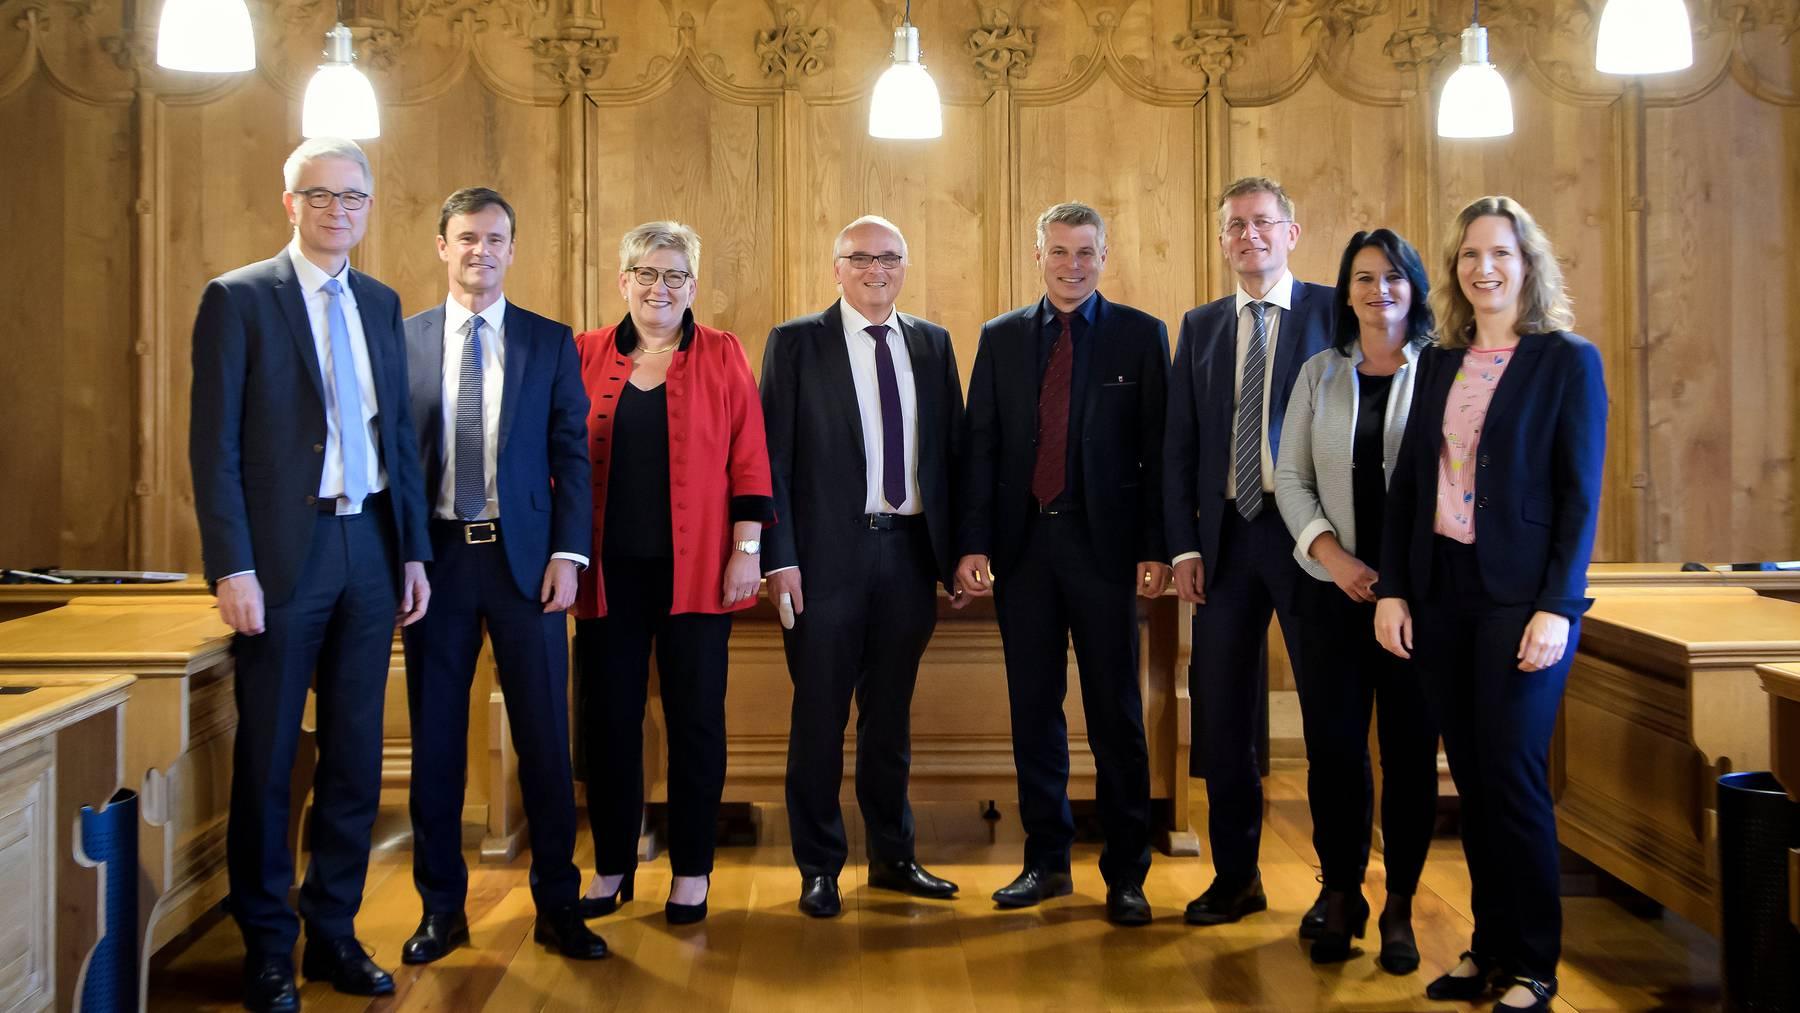 Die Jahresrechnung von 2019 ist für den Berner Regierungsrat ein «erfreuliches Ergebnis», doch die Coronakrise werde den Finanzhaushalt beeinträchtigen.